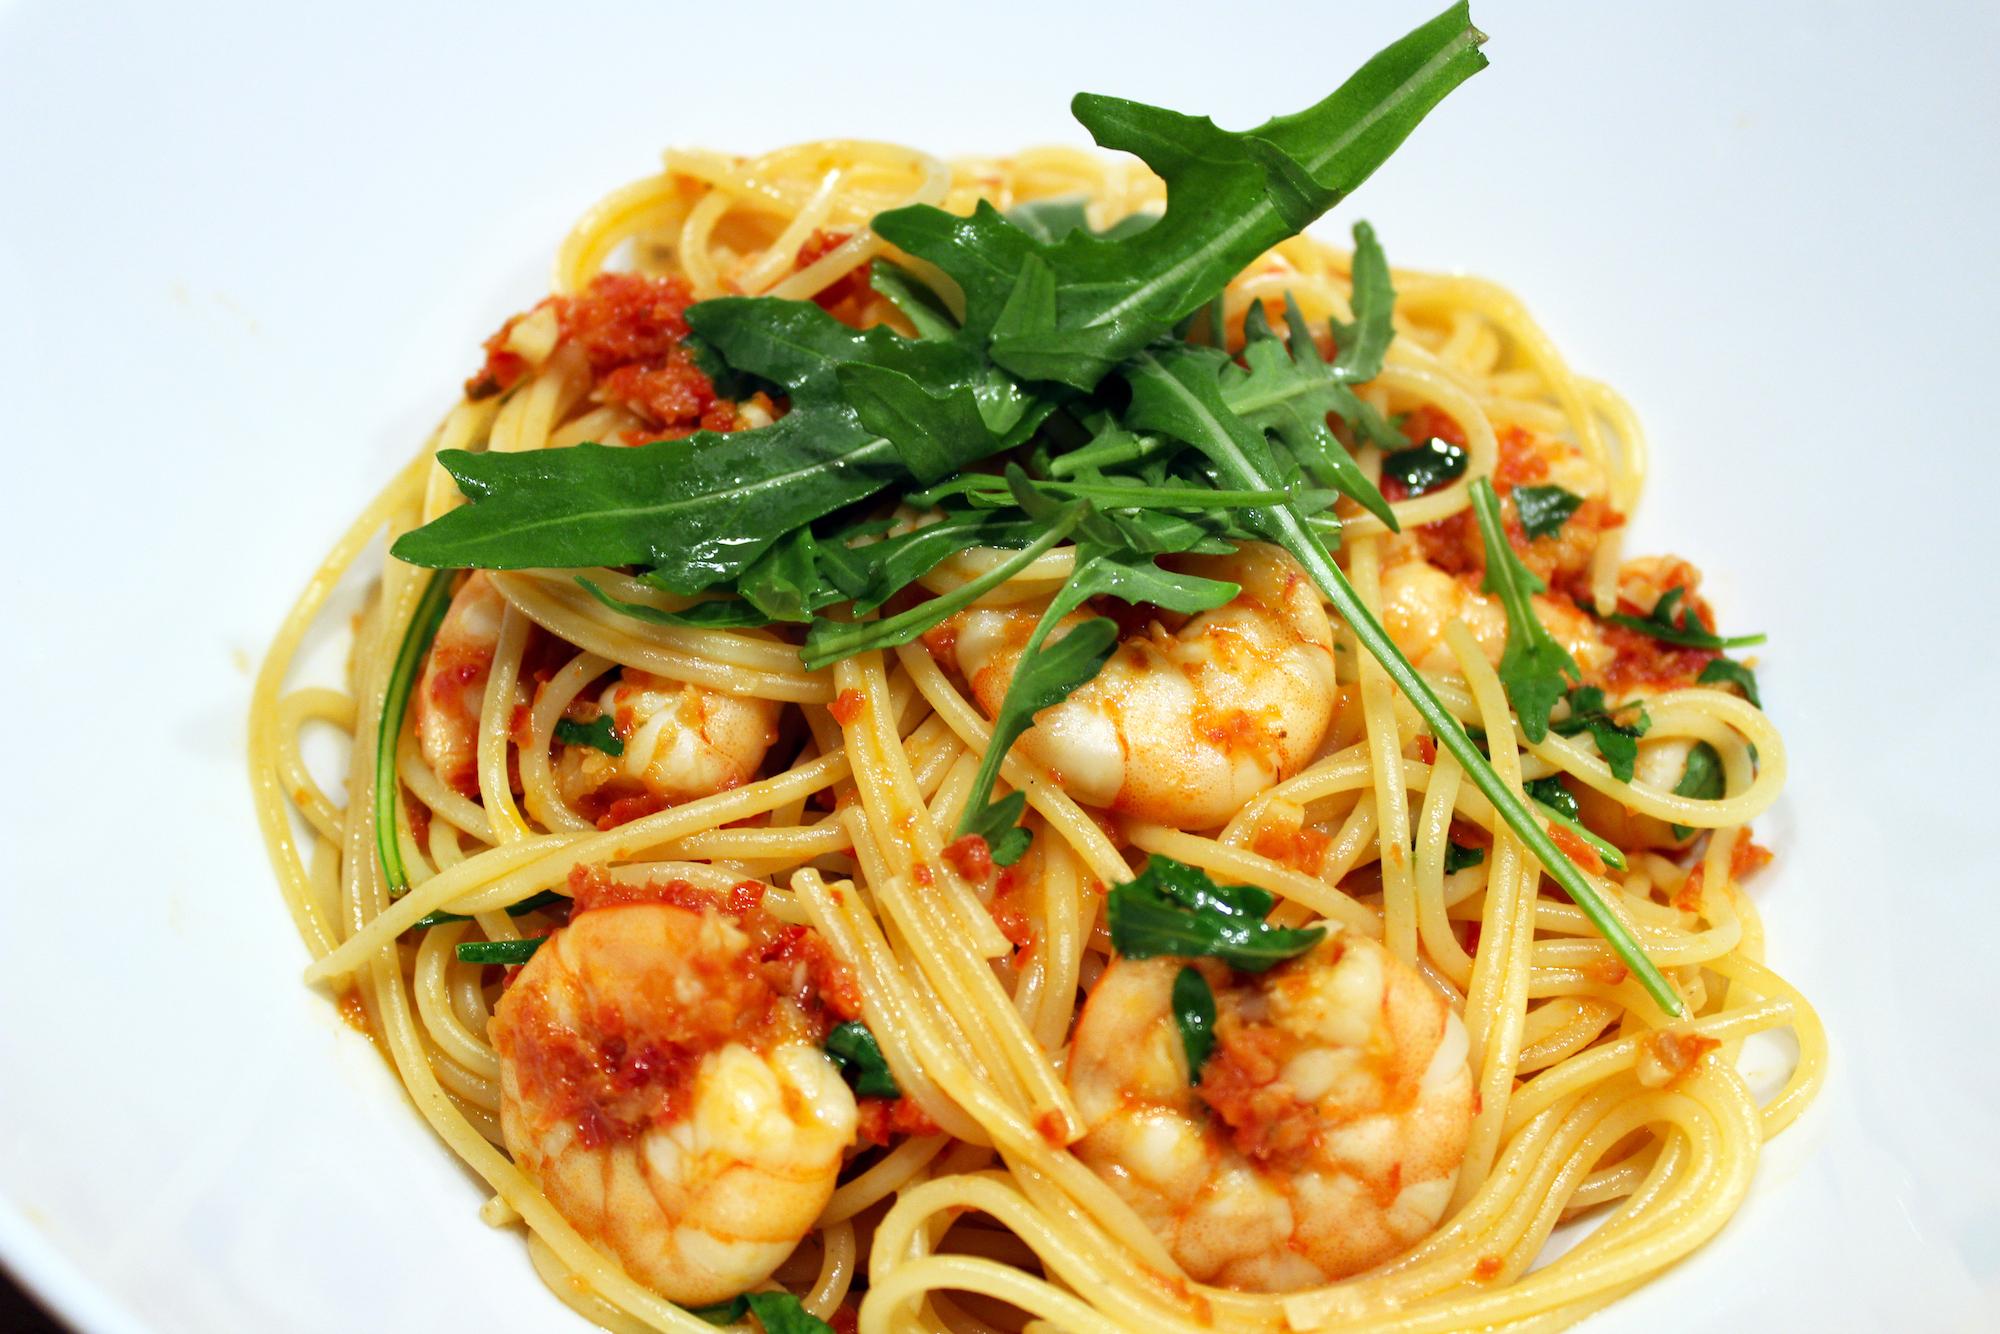 Spaghetti con gamberetti e rucola (Jamie Oliver)